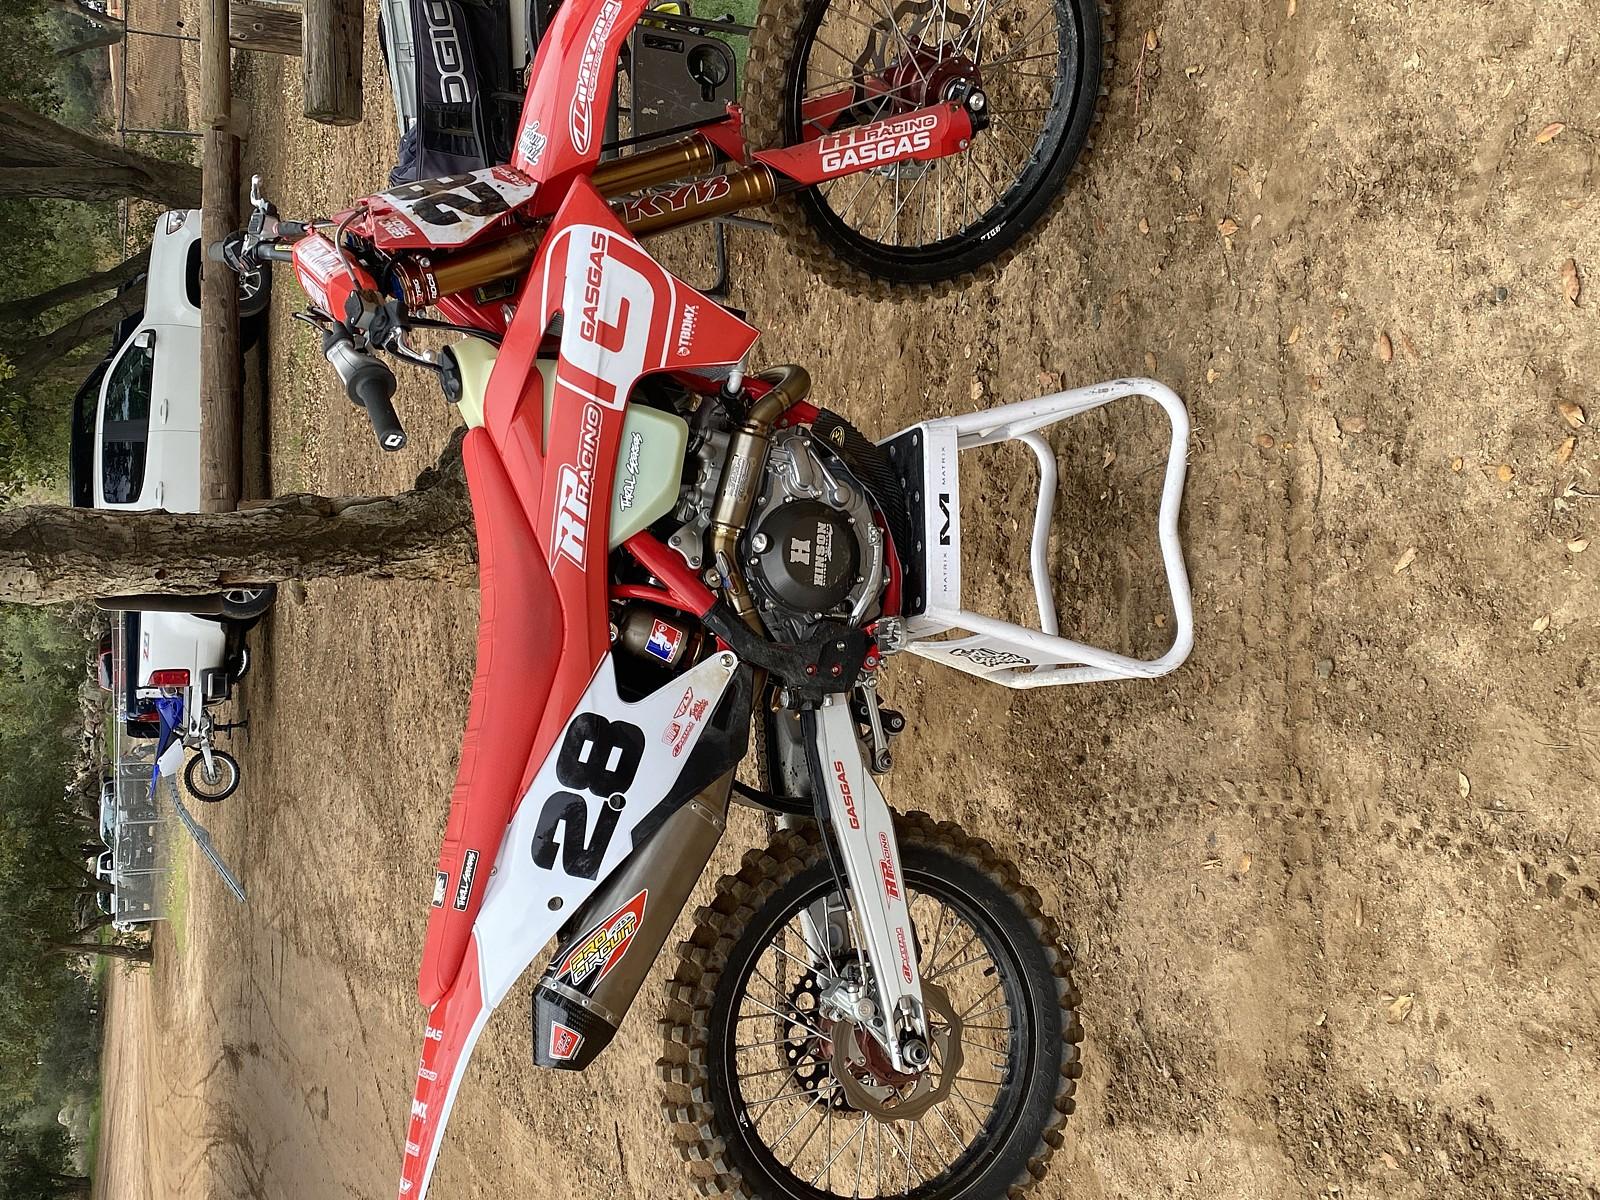 C4A26355-9B0E-4E90-B0DB-C6D5C42344AF - prida28 - Motocross Pictures - Vital MX